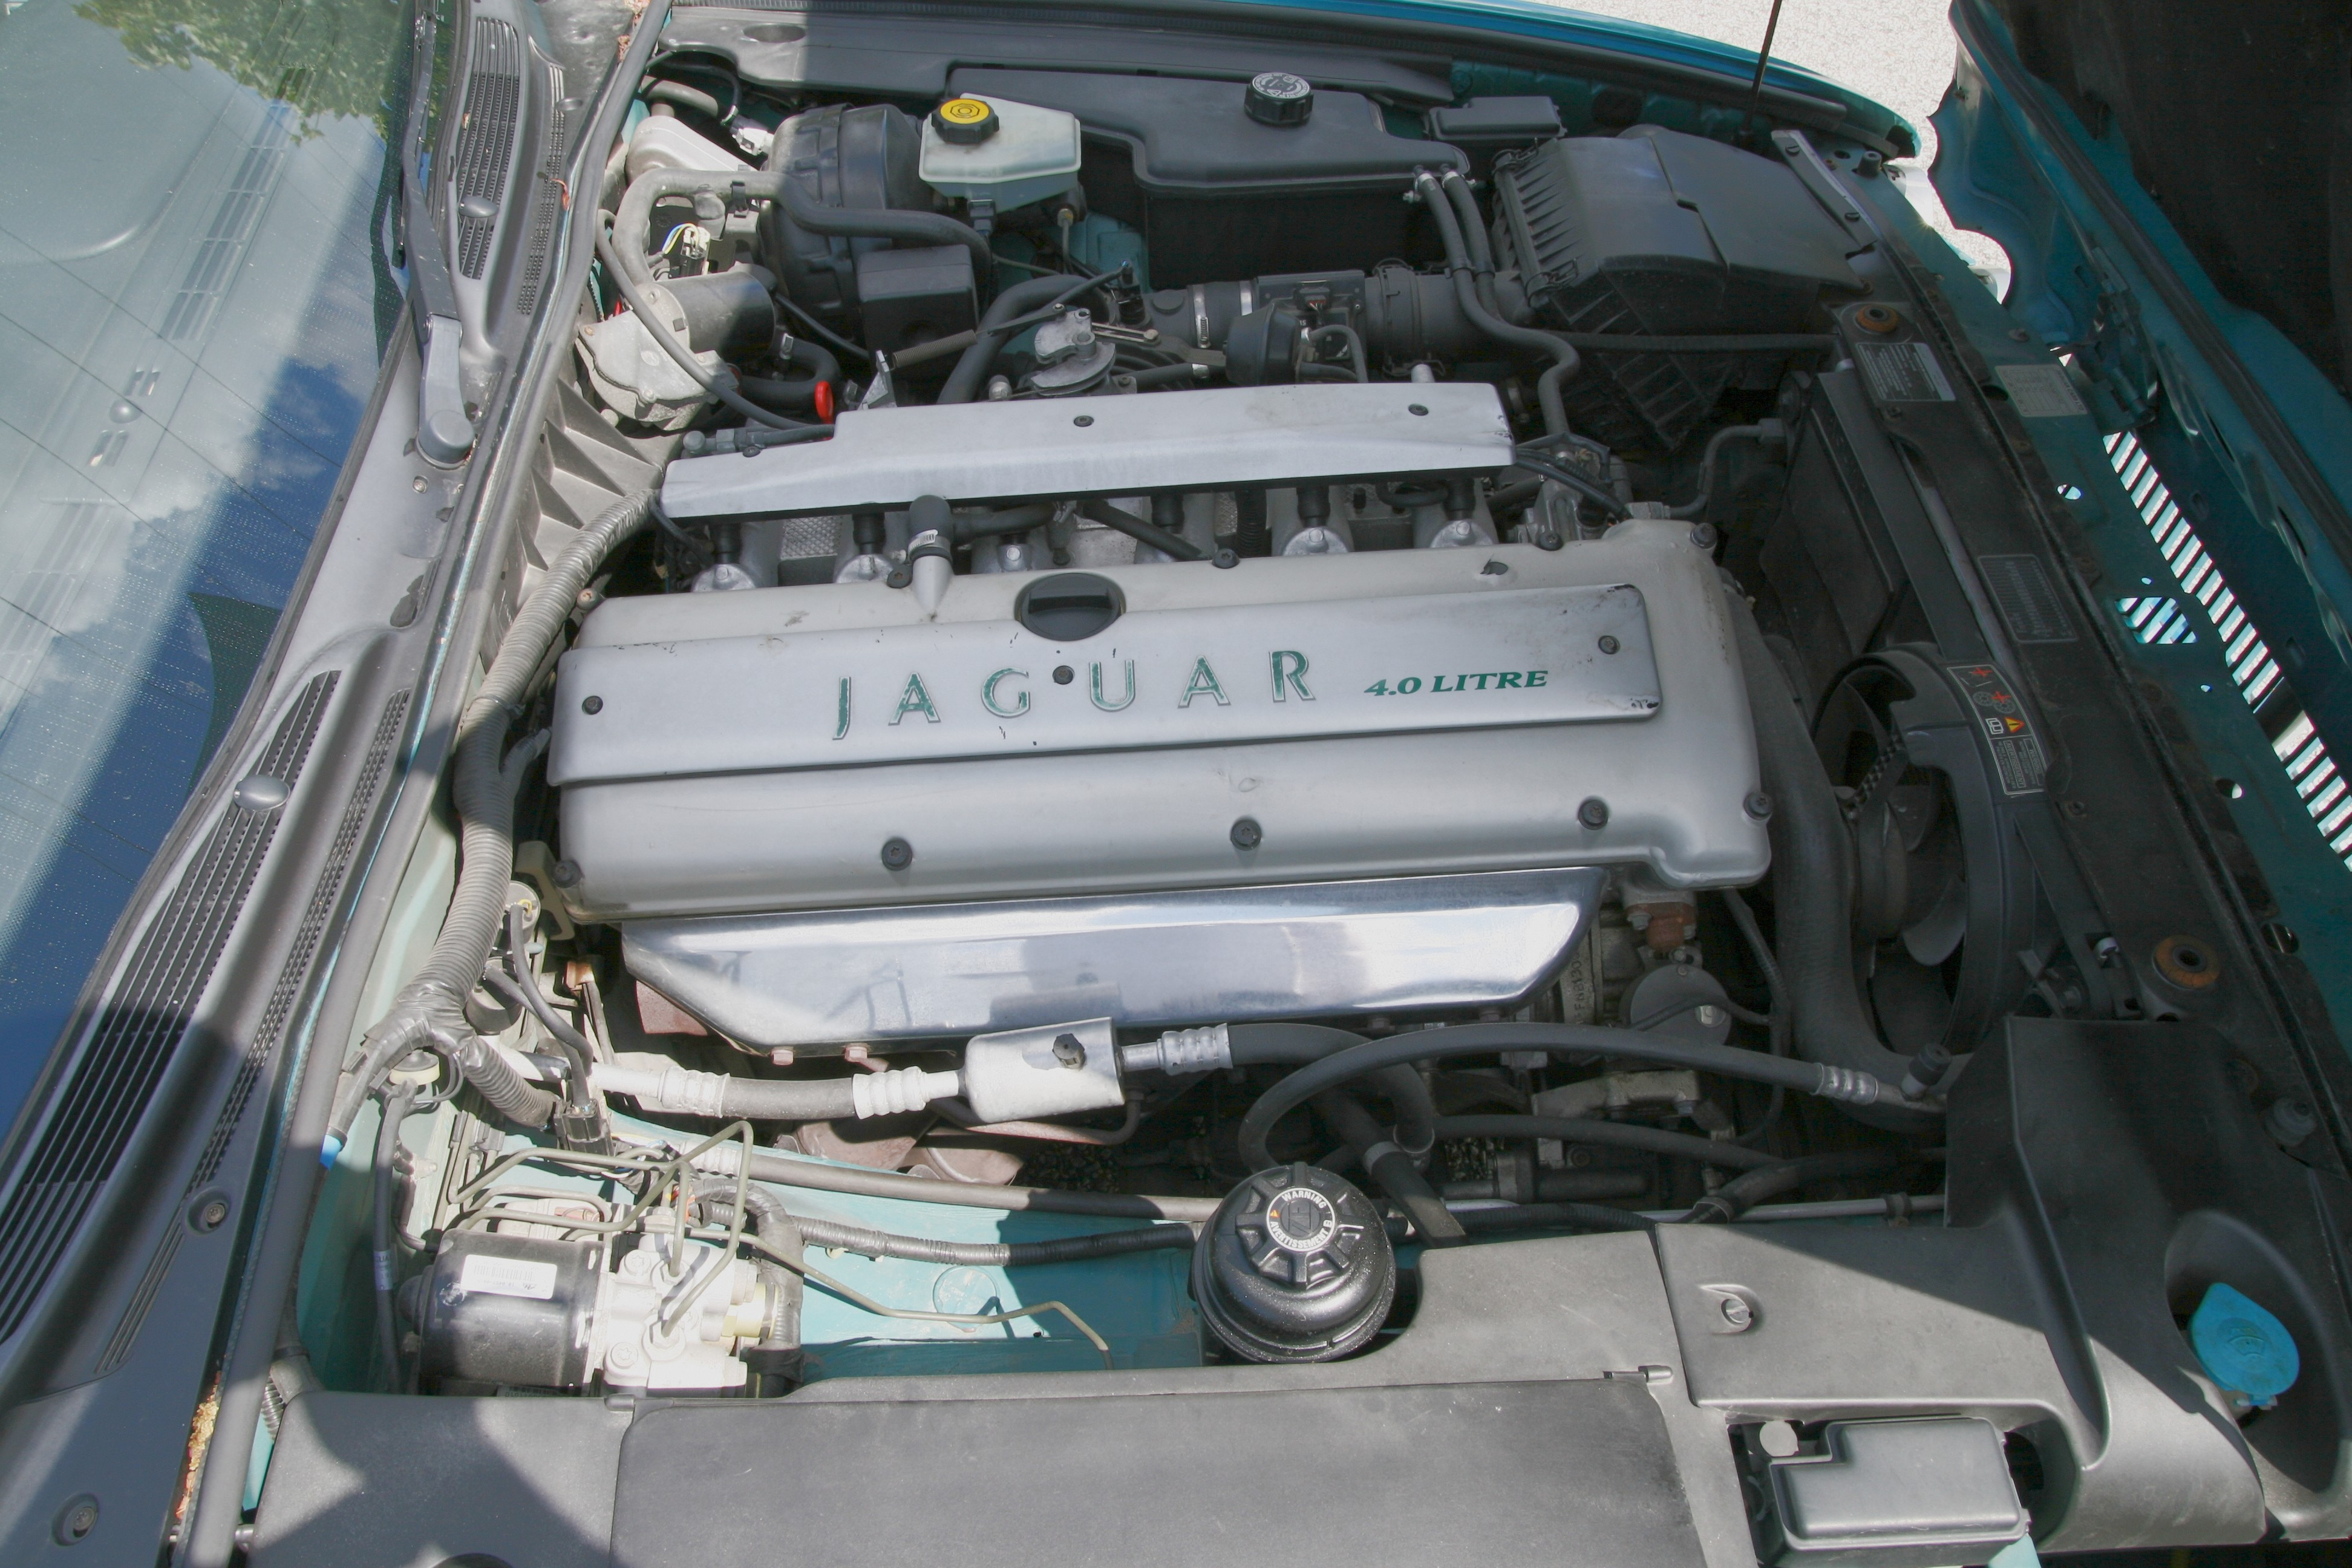 Jaguar Aj16 Engine